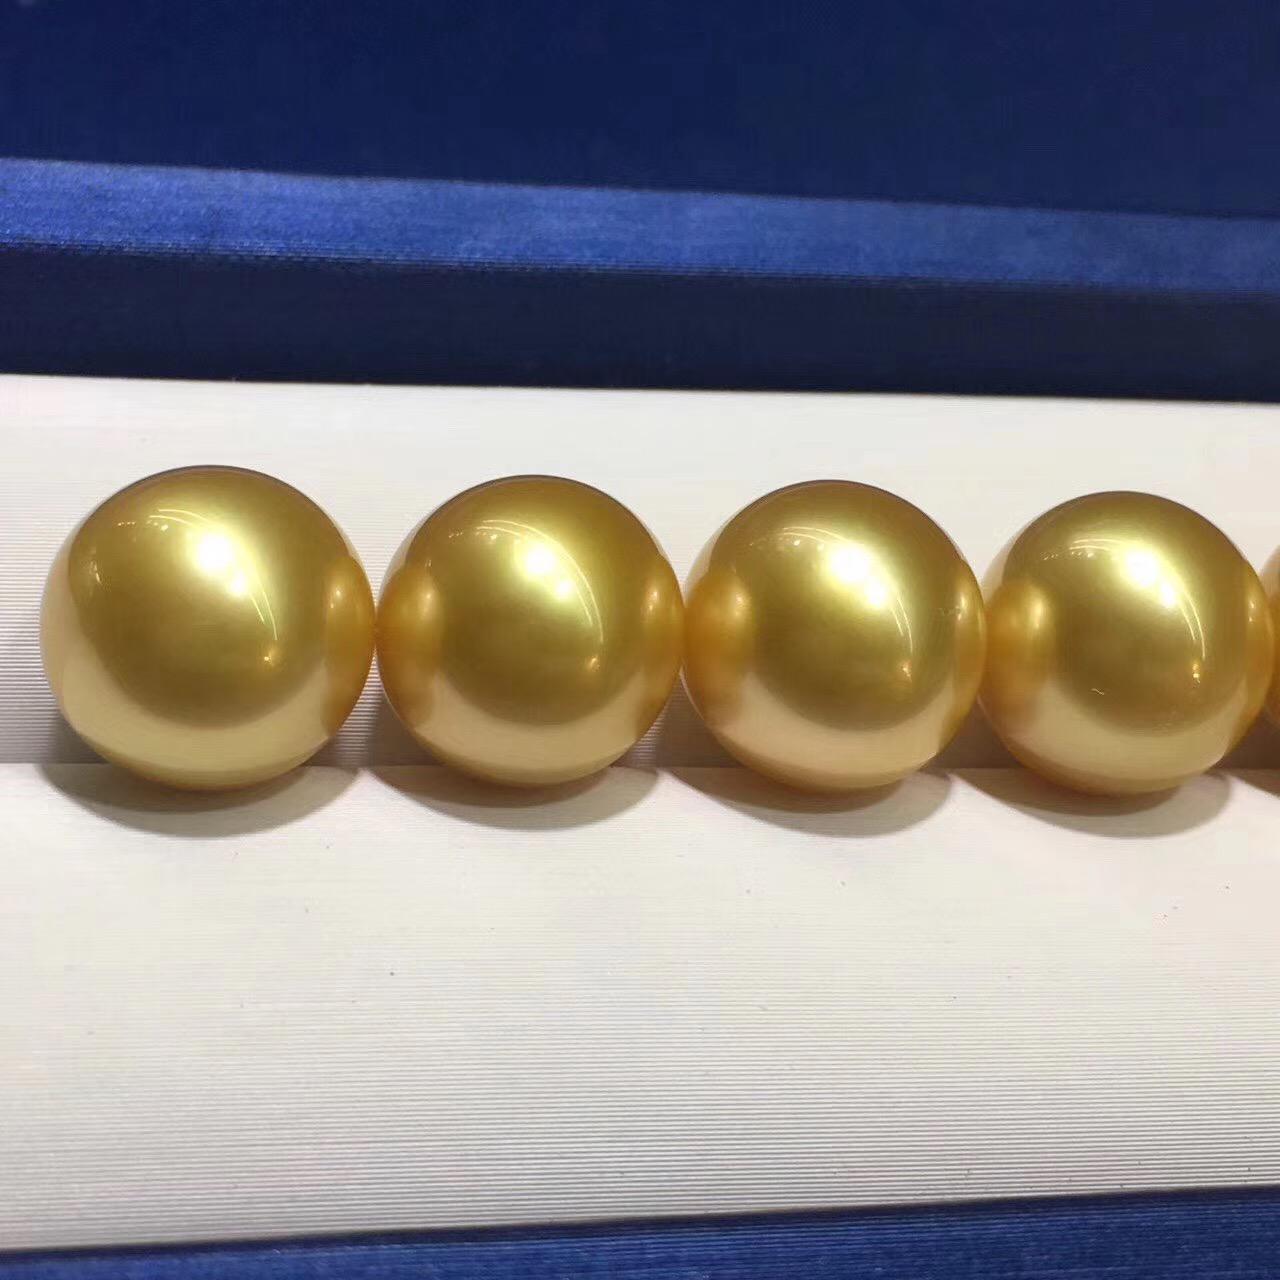 天然深金色無瑕金珠裸珠 12-13mm 色澤好 每個都精選適合做對珠